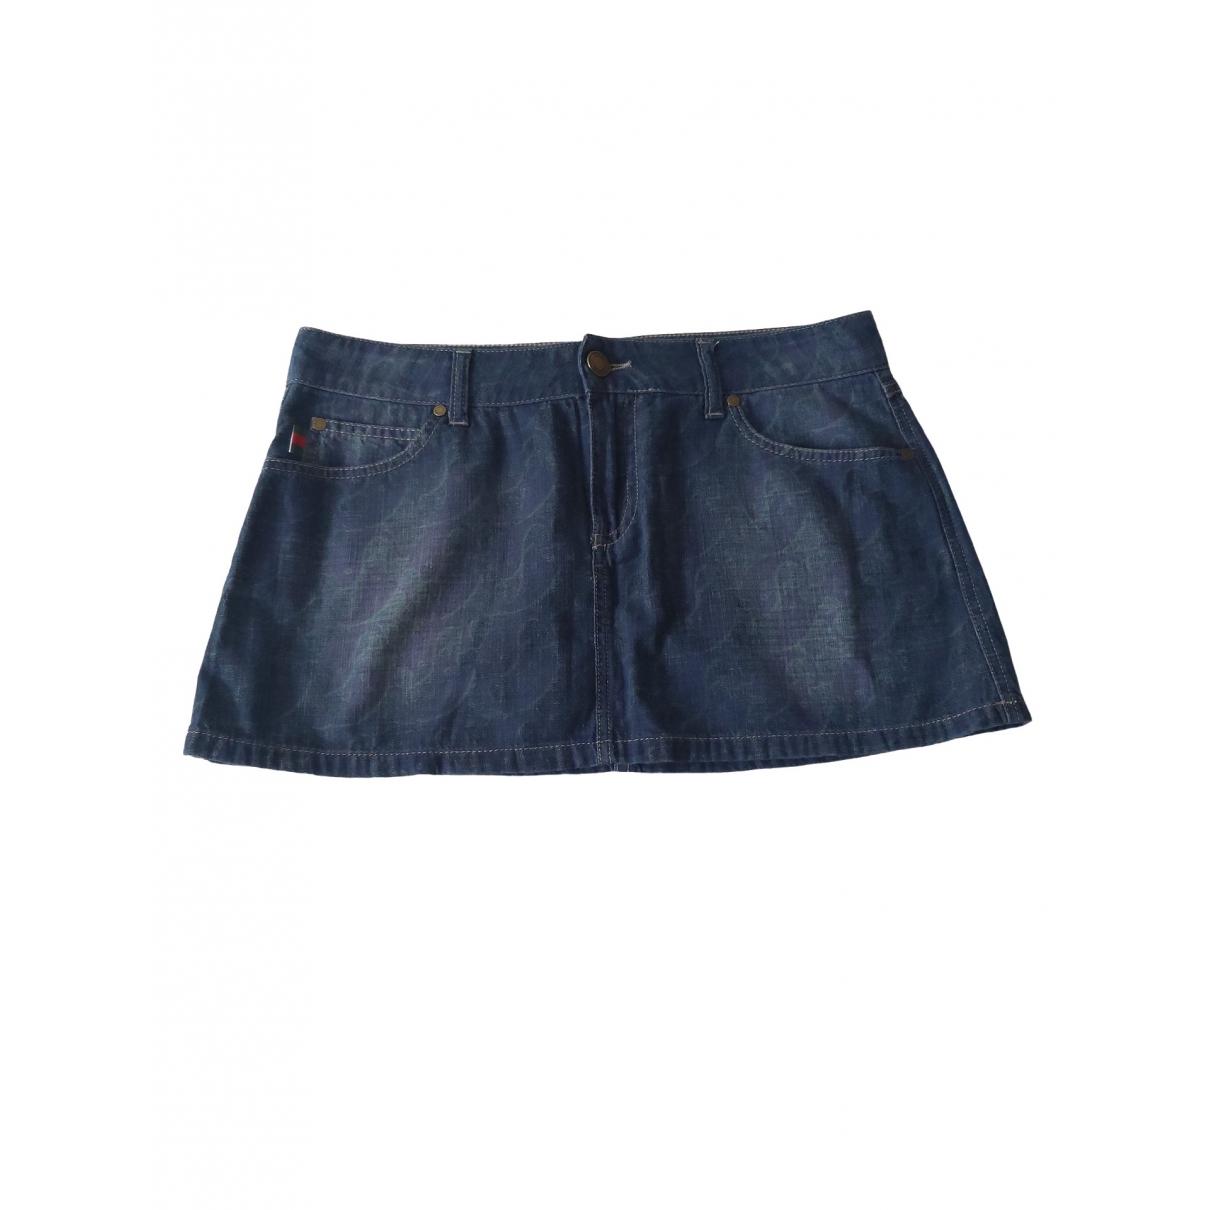 Gucci \N Blue Denim - Jeans skirt for Women 42 FR